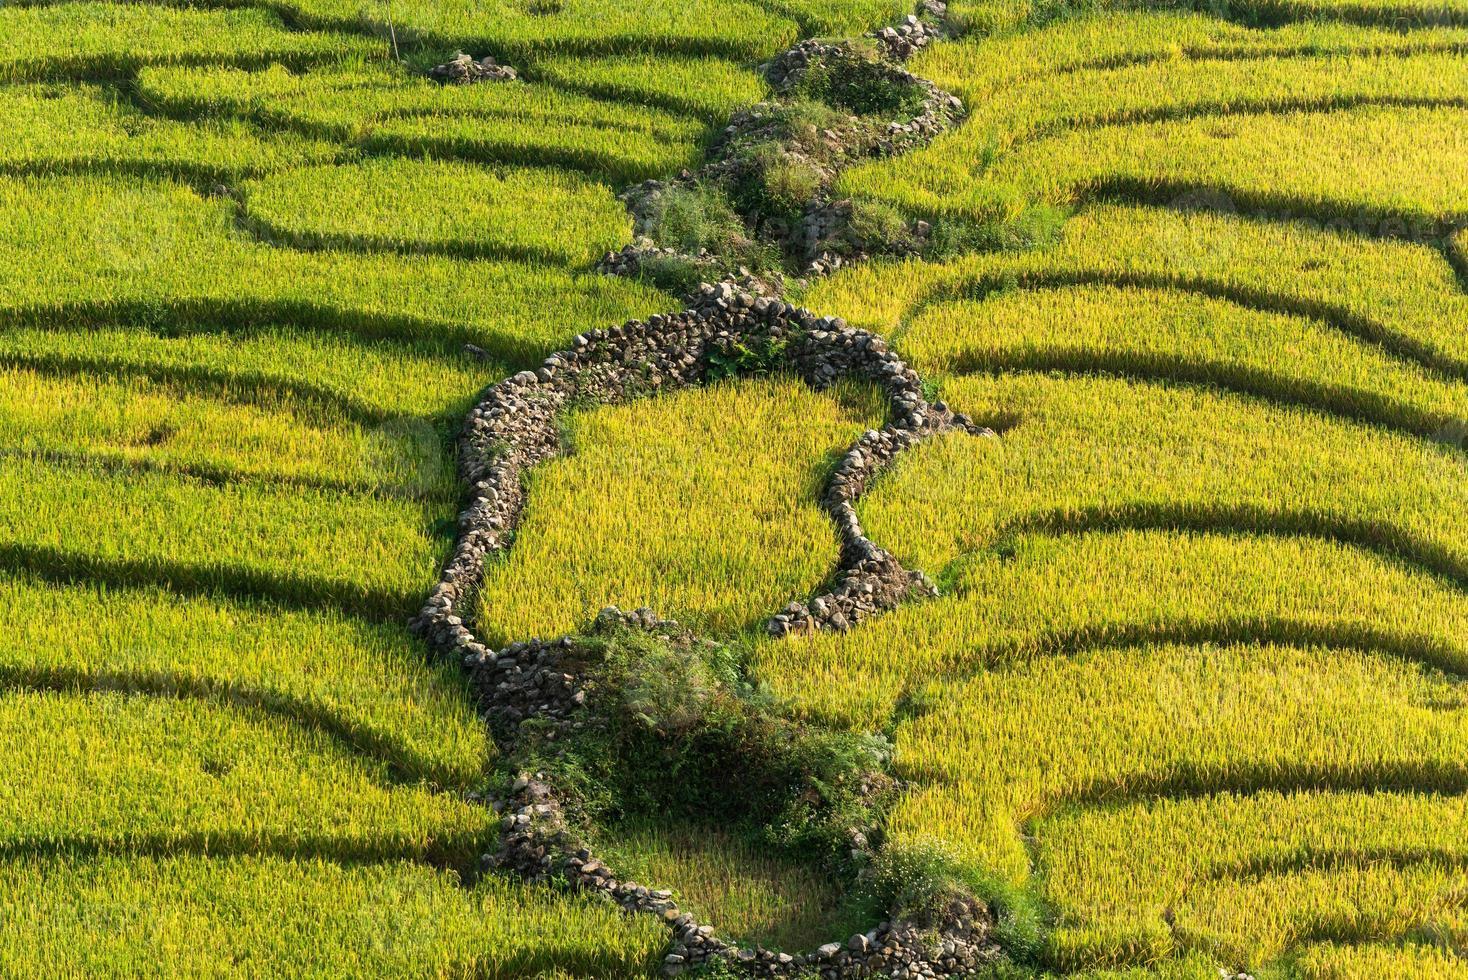 terraza de campo de arroz amarillo y verde. foto